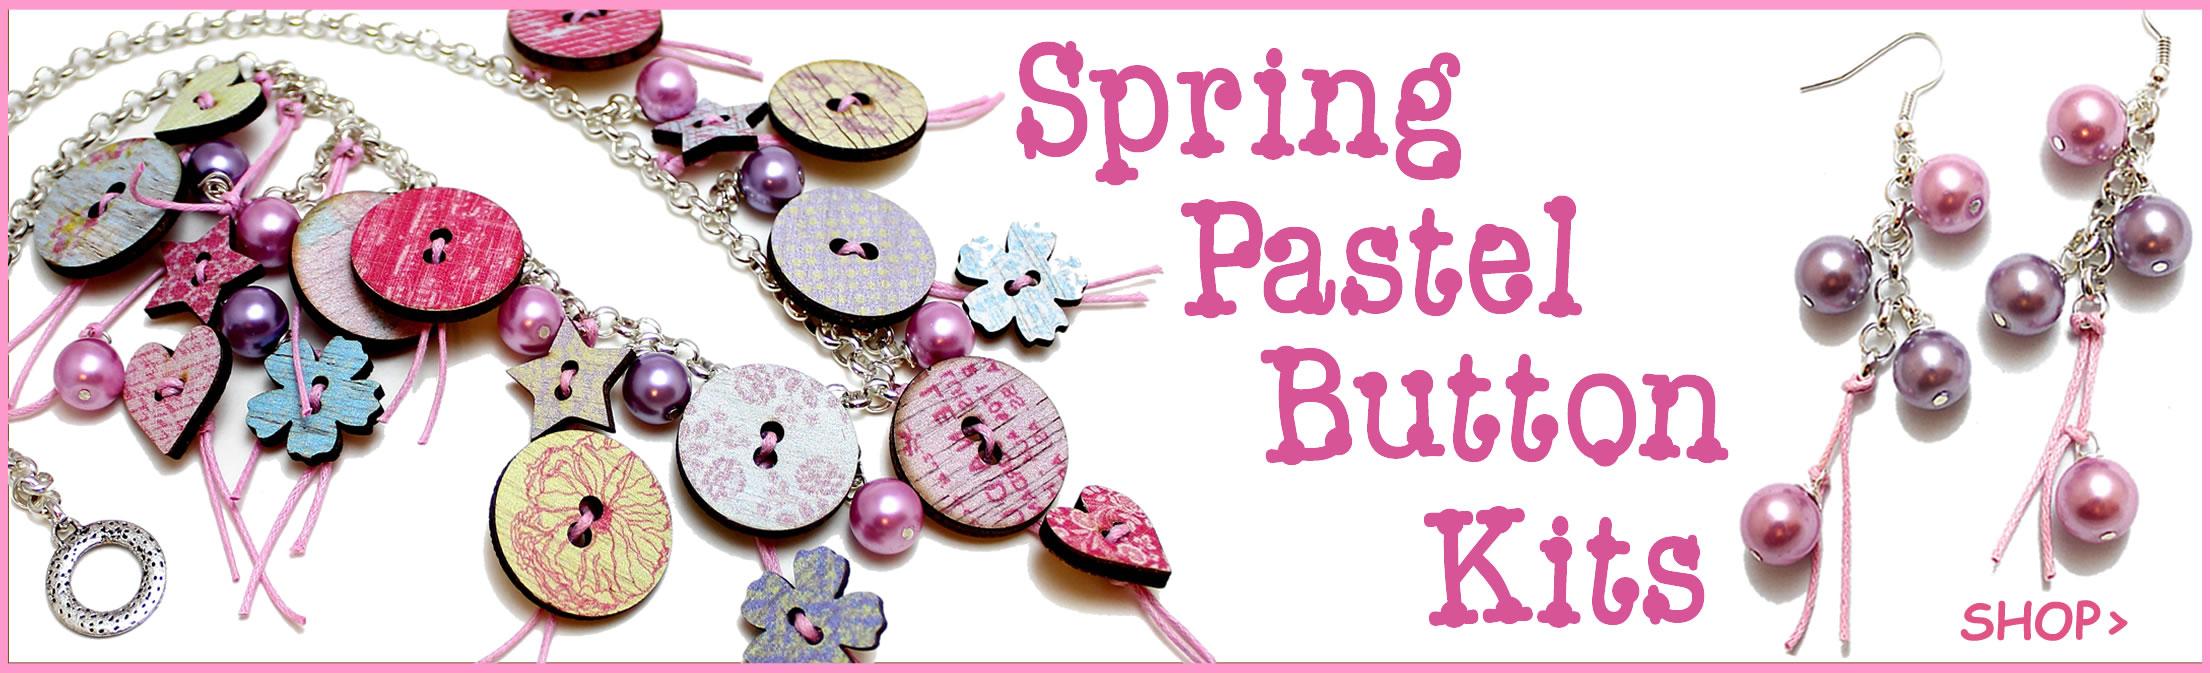 Spring Pastel Kits